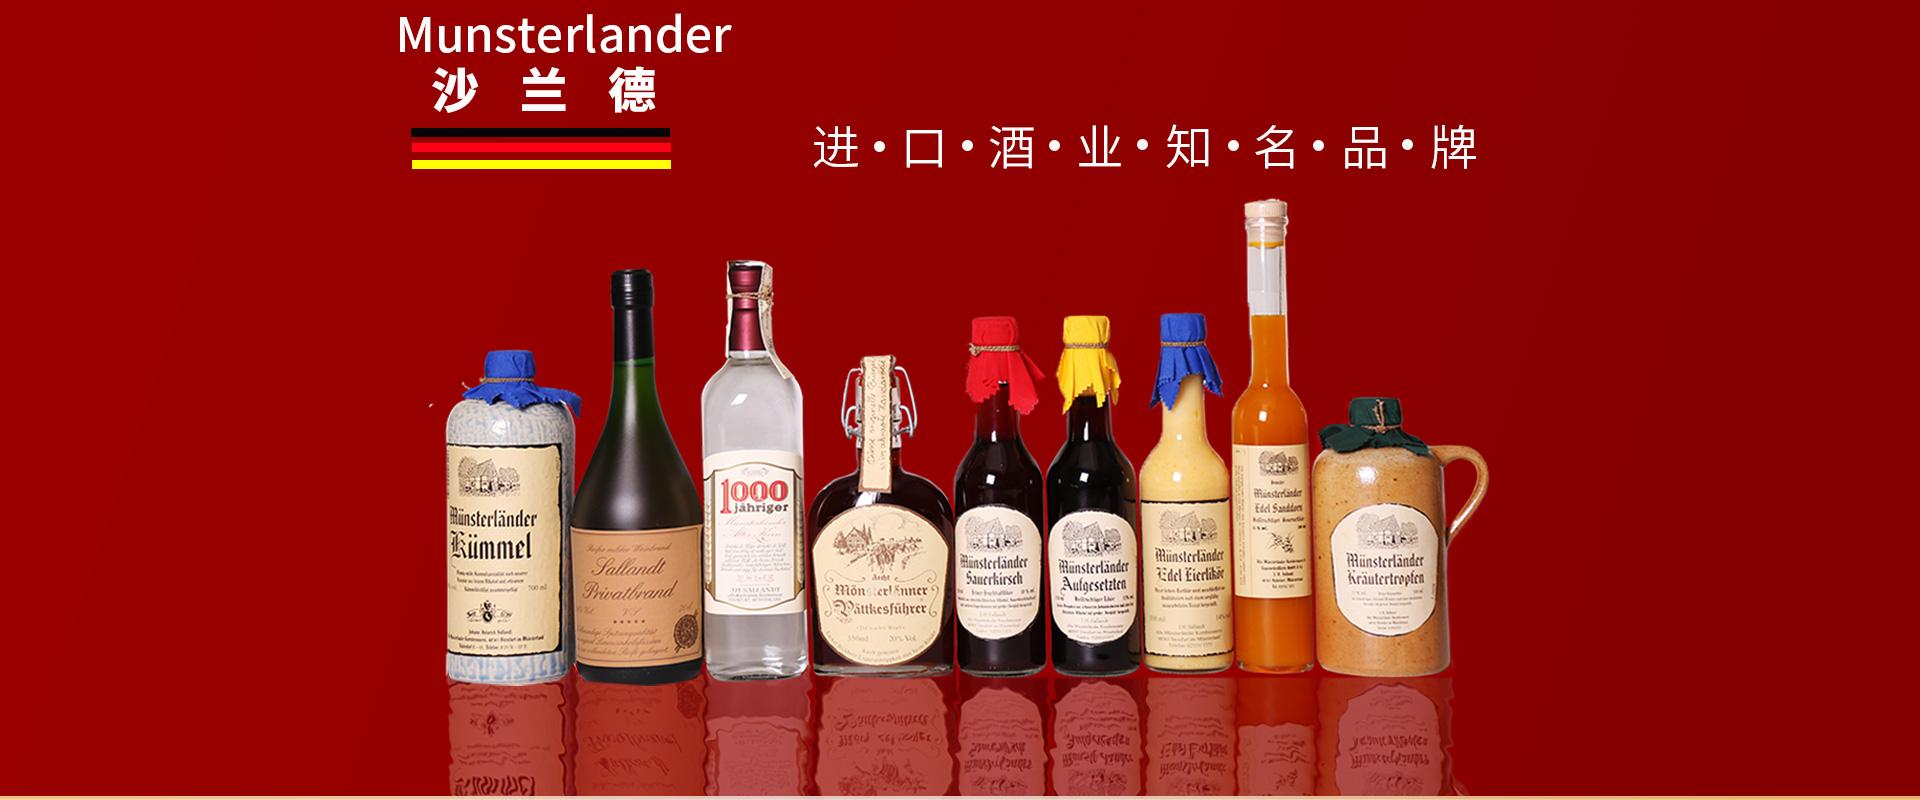 快消加盟-沙兰德,让消费者无忧无虑的享受来自欧洲大陆的佳酿-找加盟就上小宝招商